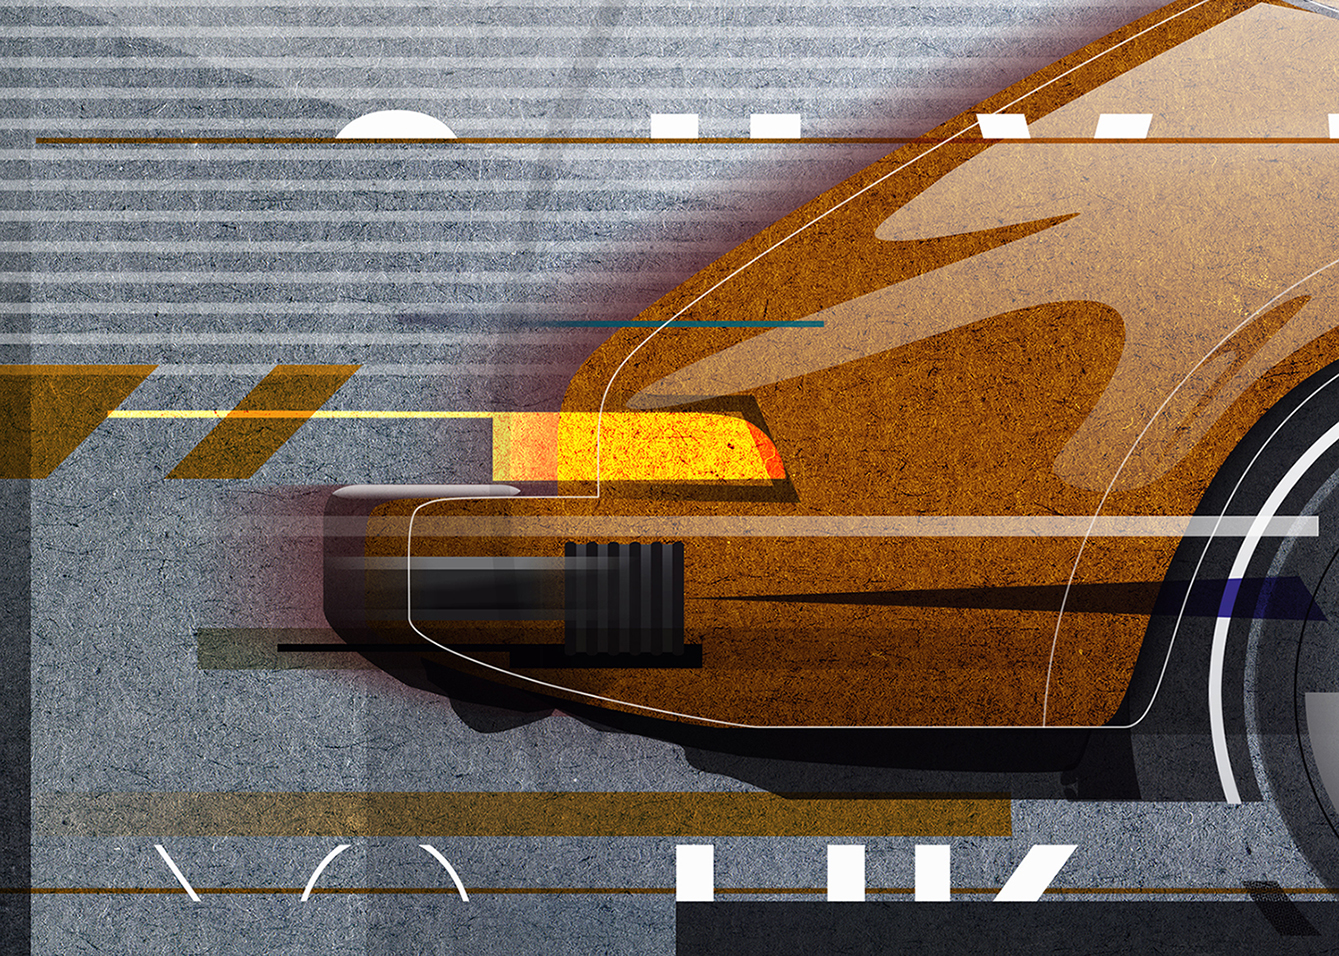 Porsche Classic Art Award by Peter Csuth - 08.jpg